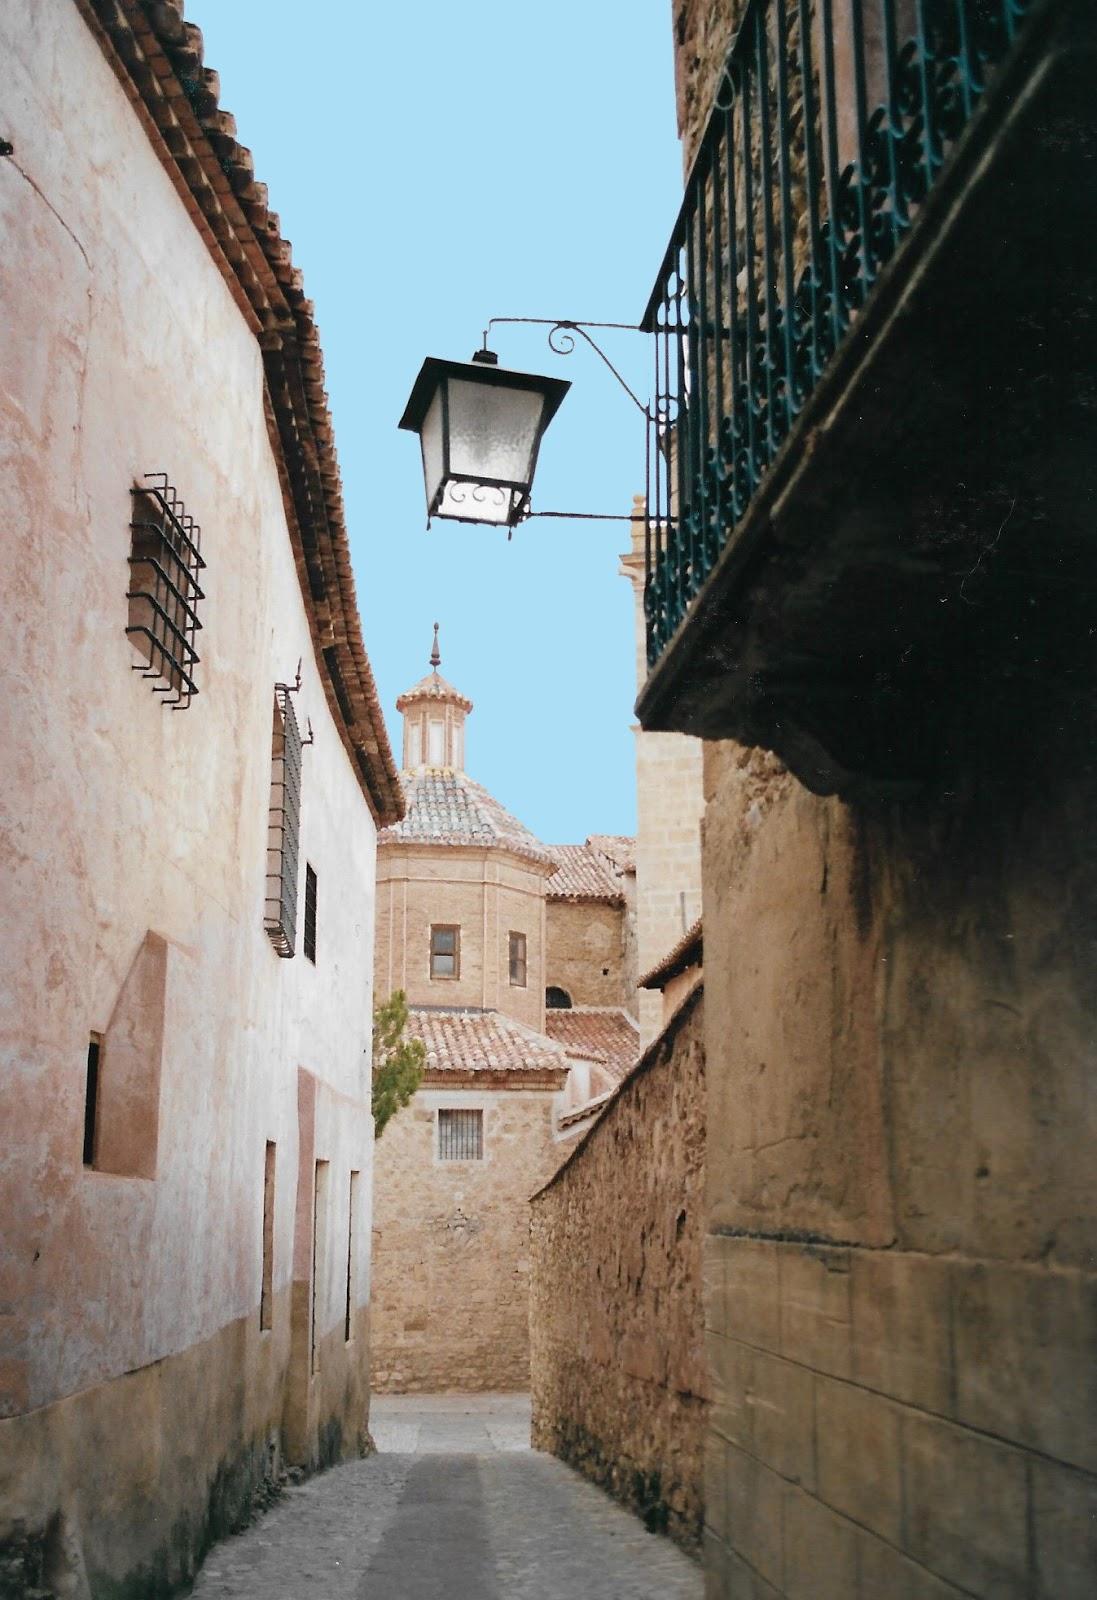 Centro storico di Albarracin